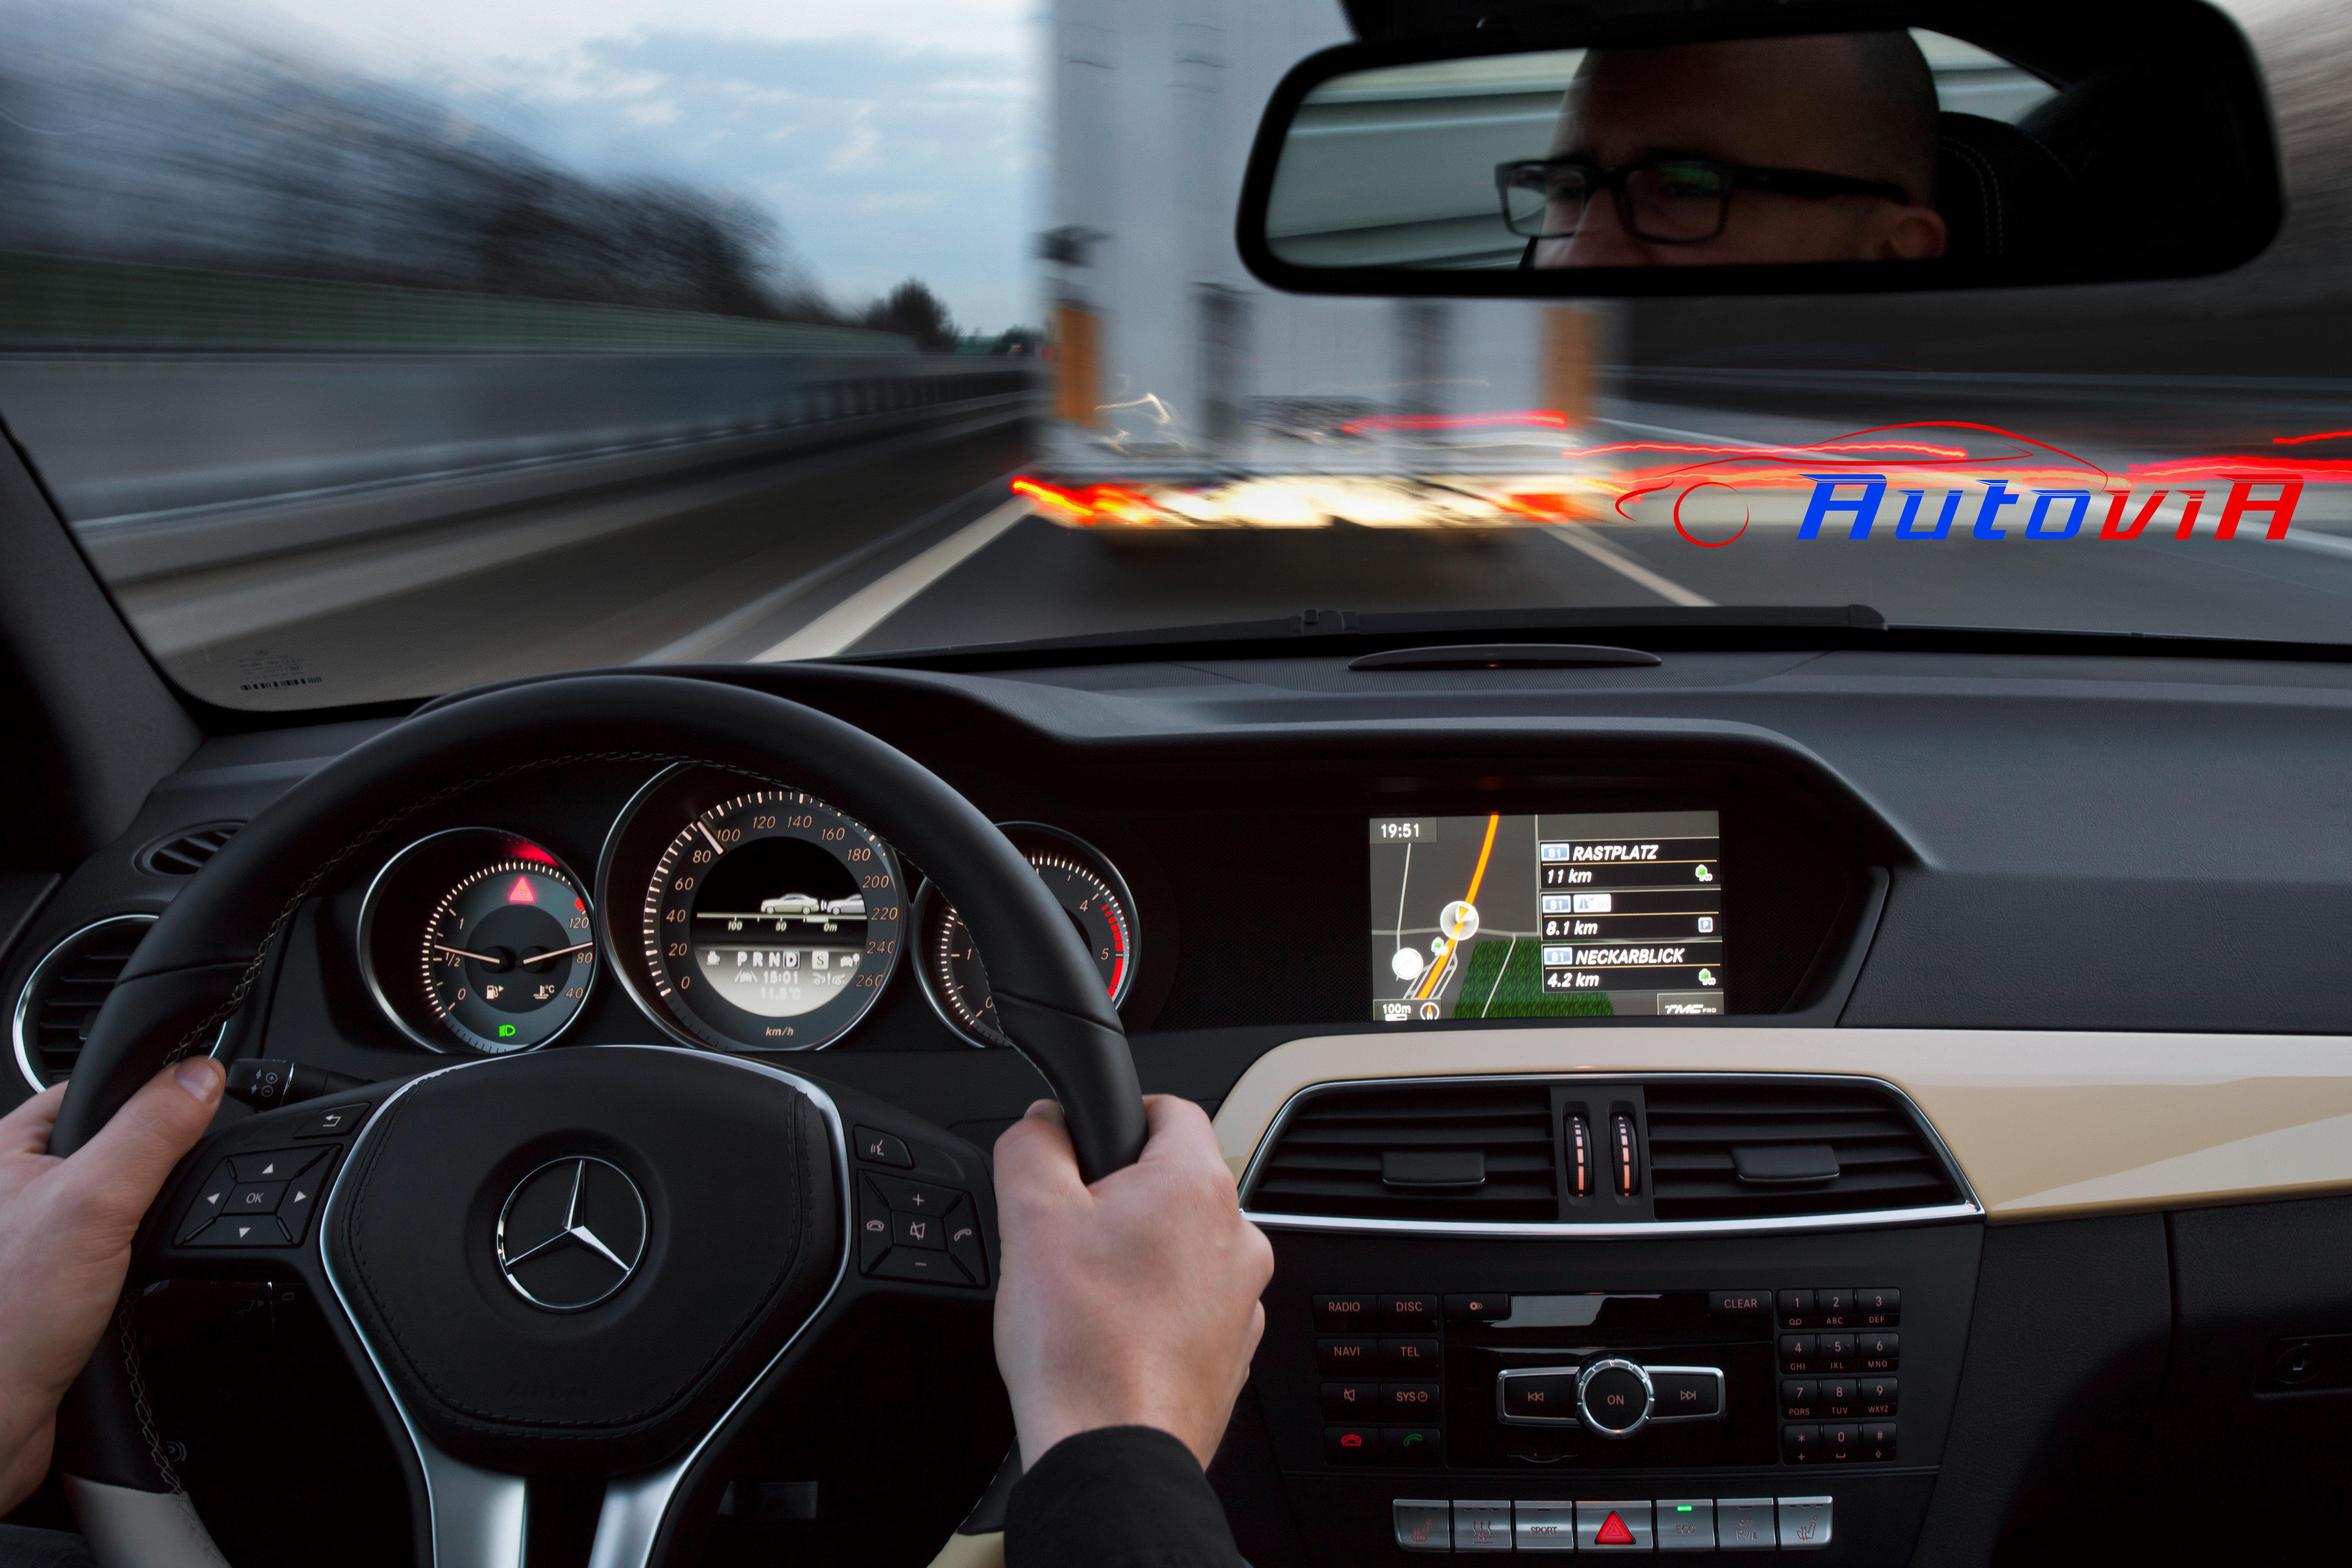 Mercedes benz clase c coup interior 04 for Interior mercedes clase a